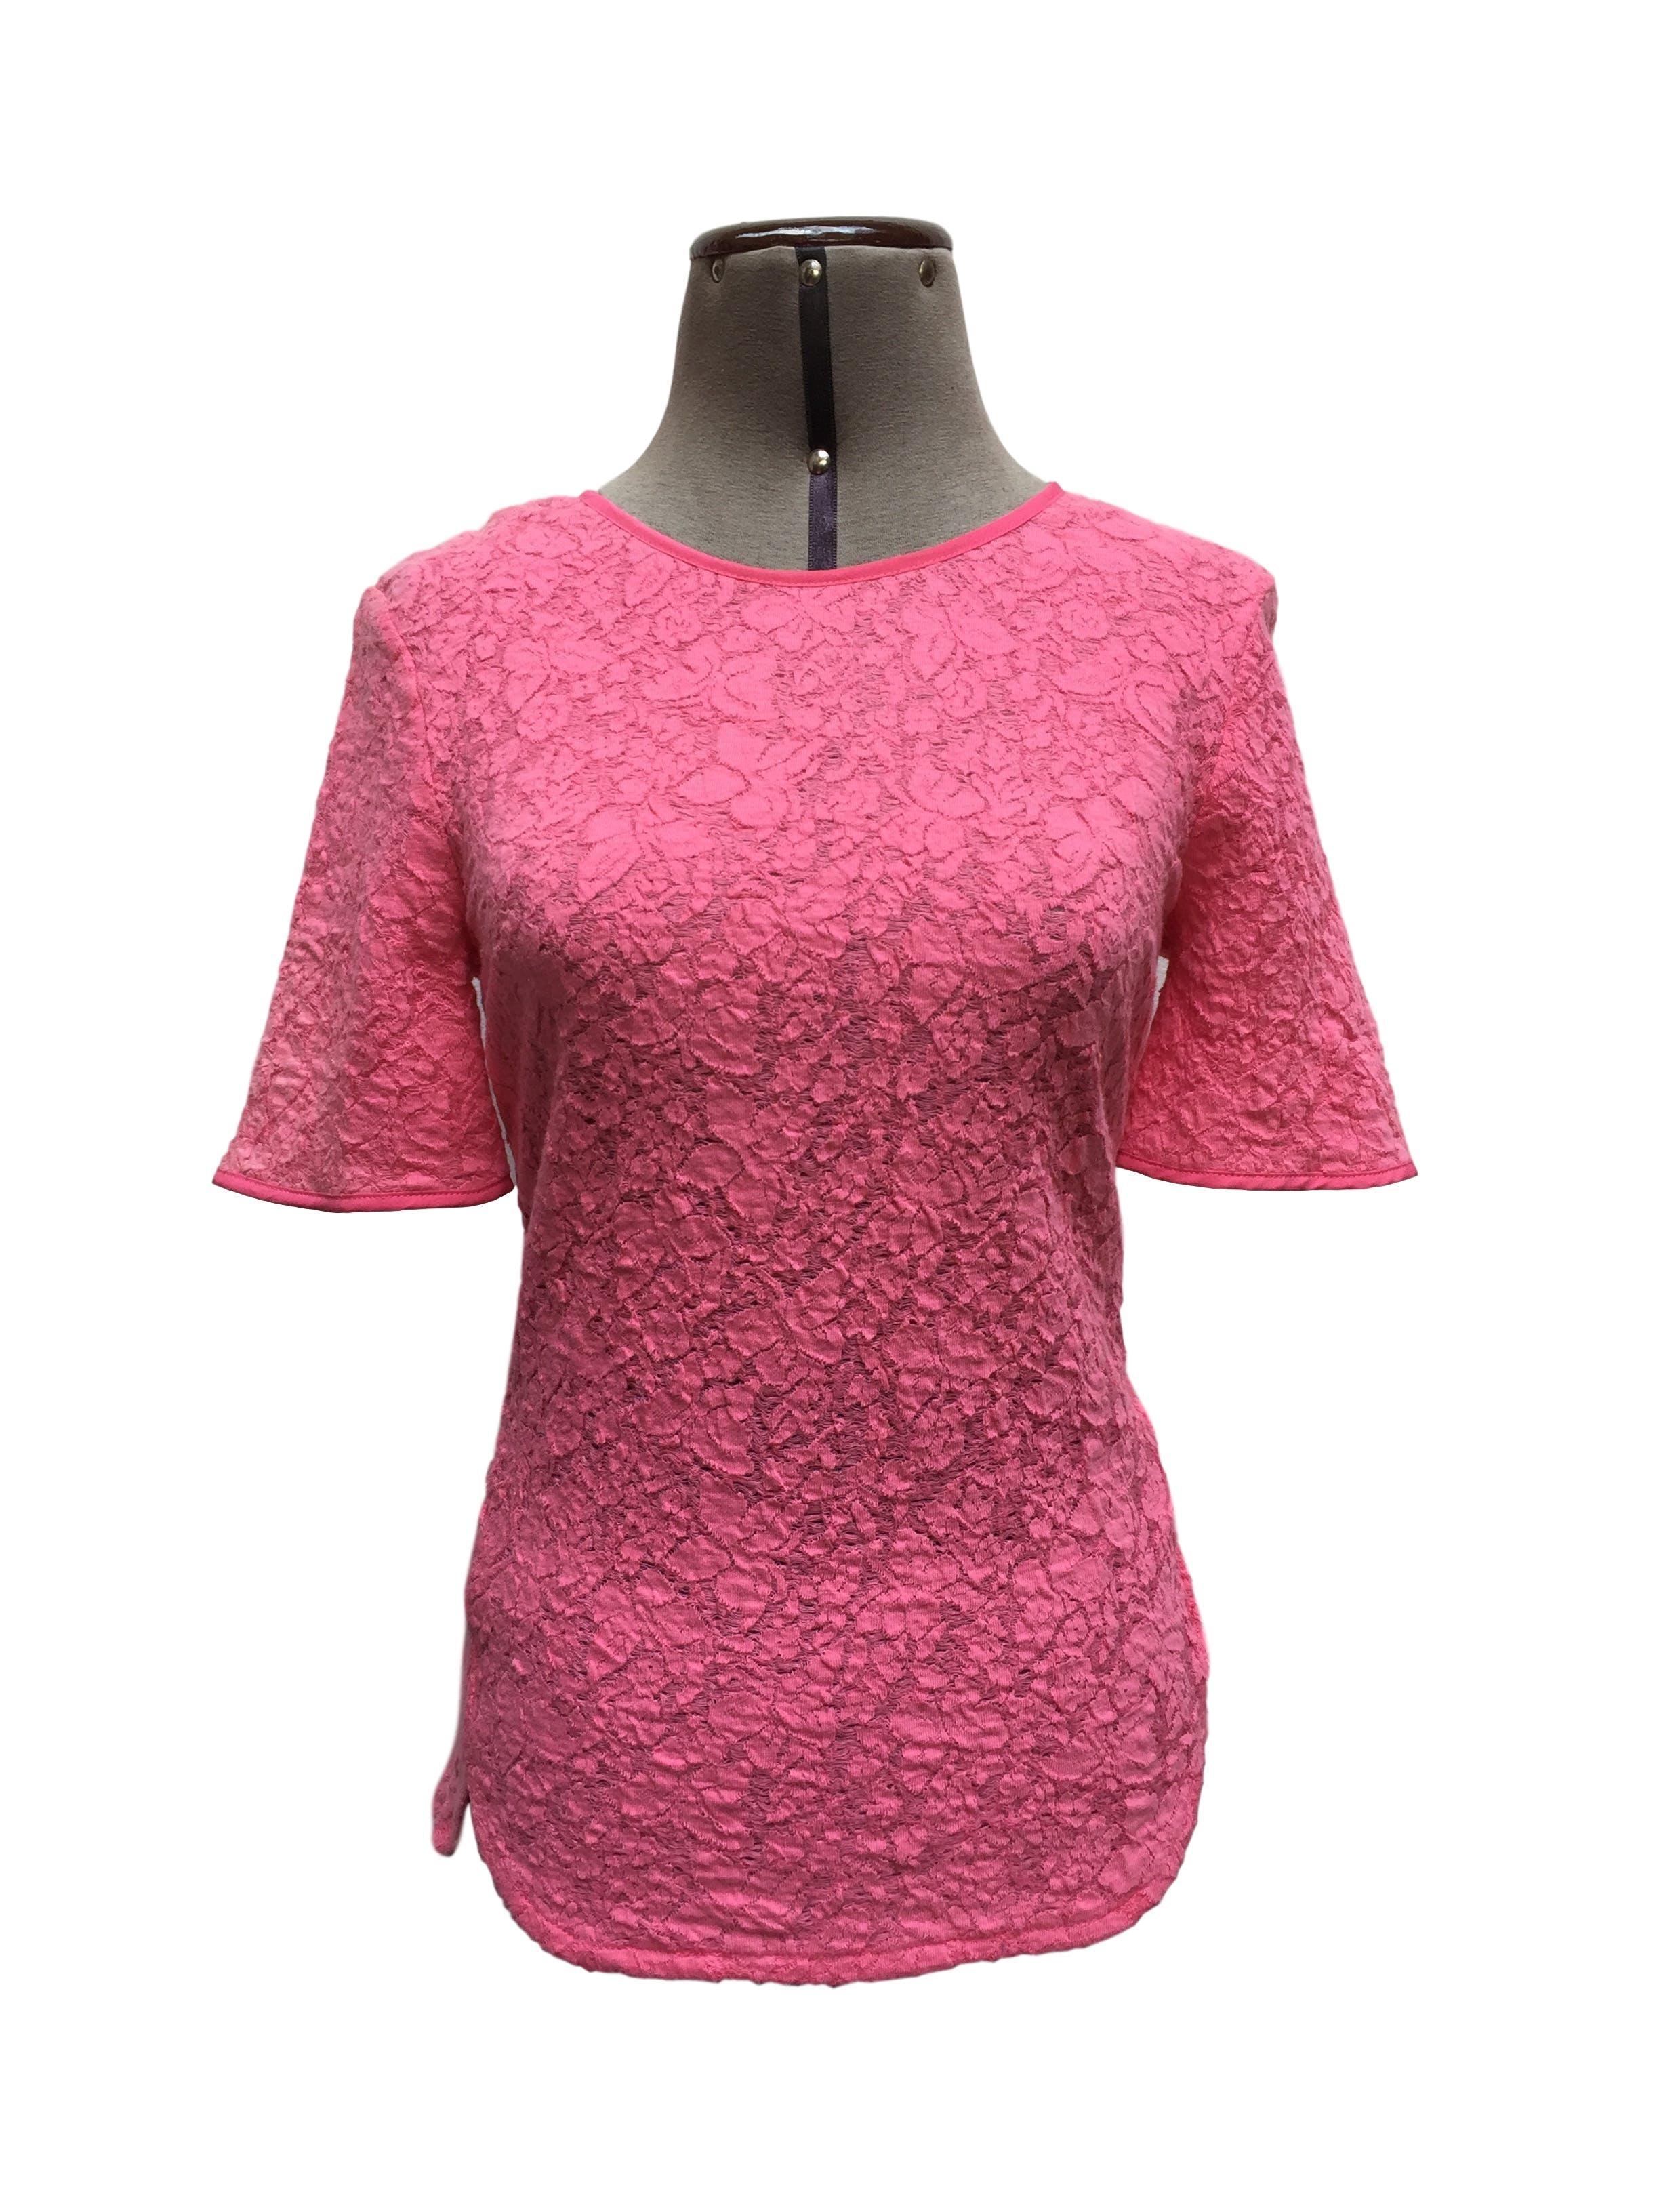 Blusa Oasis rosa con textura de flores, botón posterior en el cuello. Arma lindo Talla S